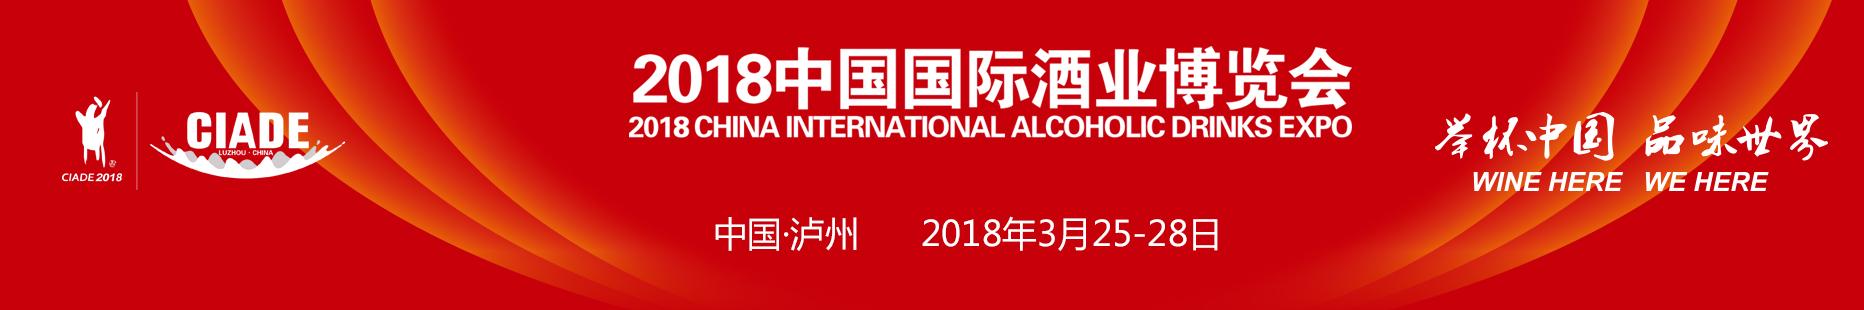 """关于举办""""2018中国酒类产品包装设计创意大赛暨最美酒瓶设计大赛""""的通知"""